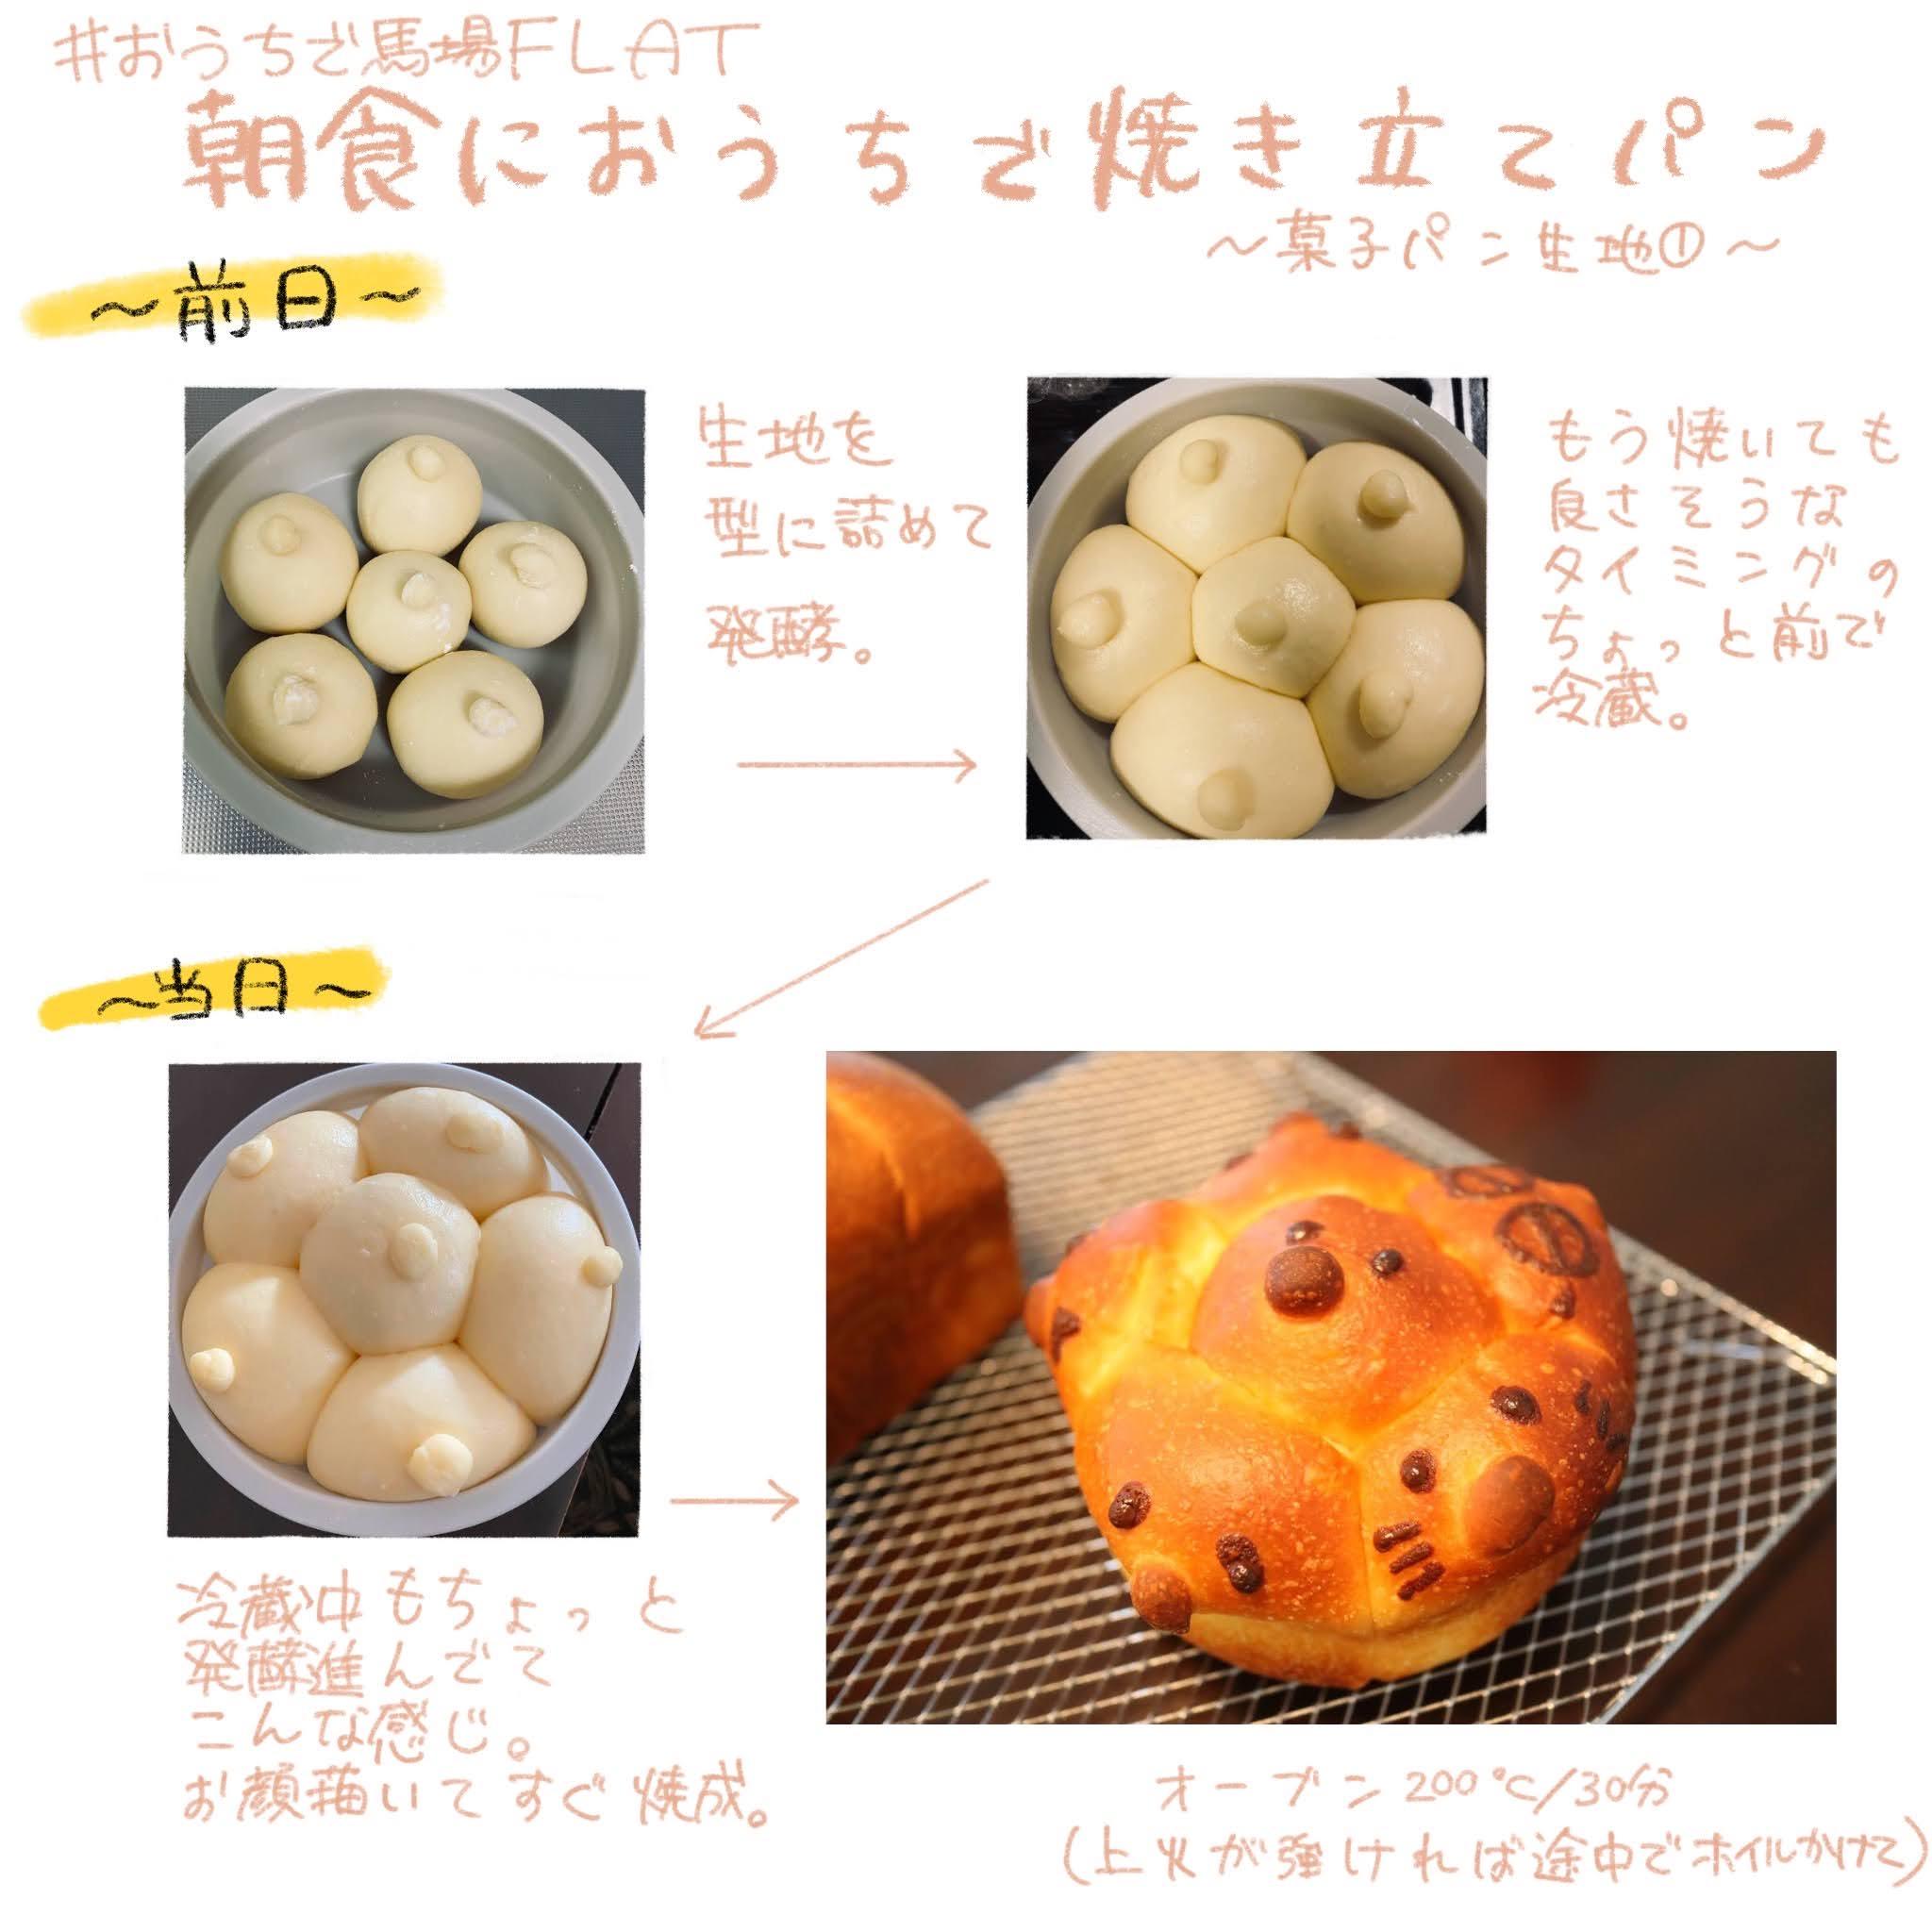 朝食に焼き立てのパンを食べる方法(菓子パン編)